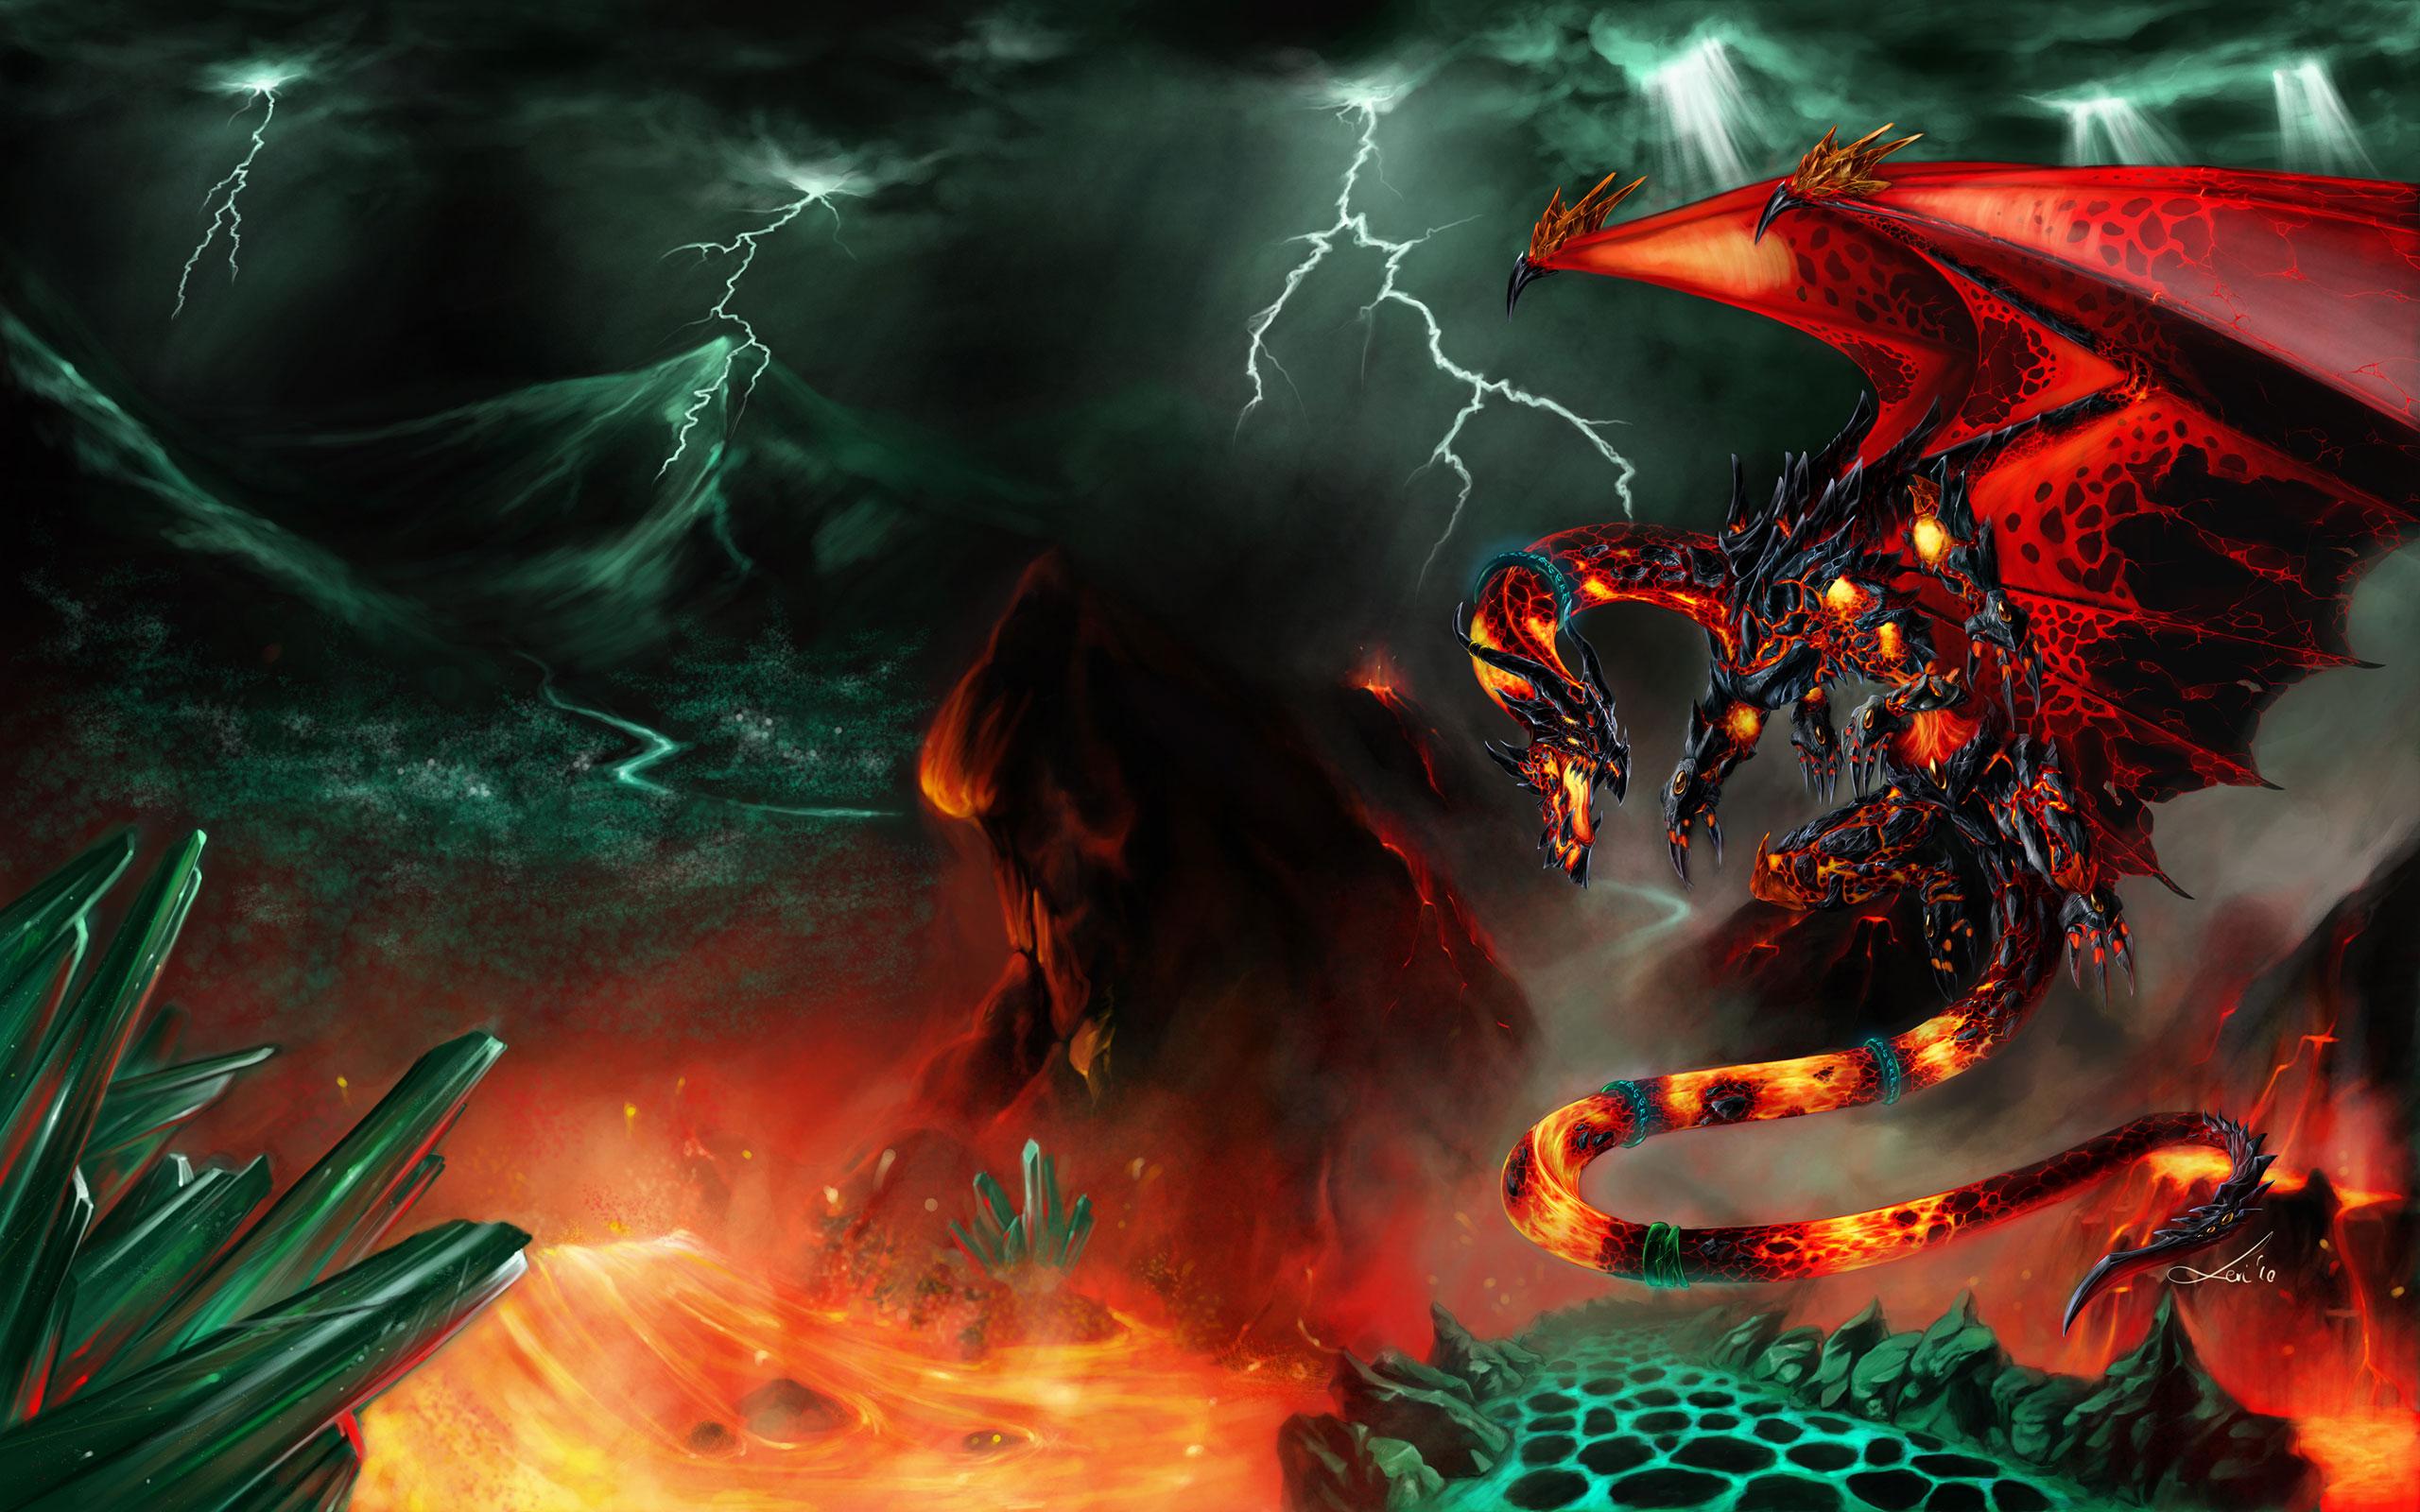 Картинки горящие драконы